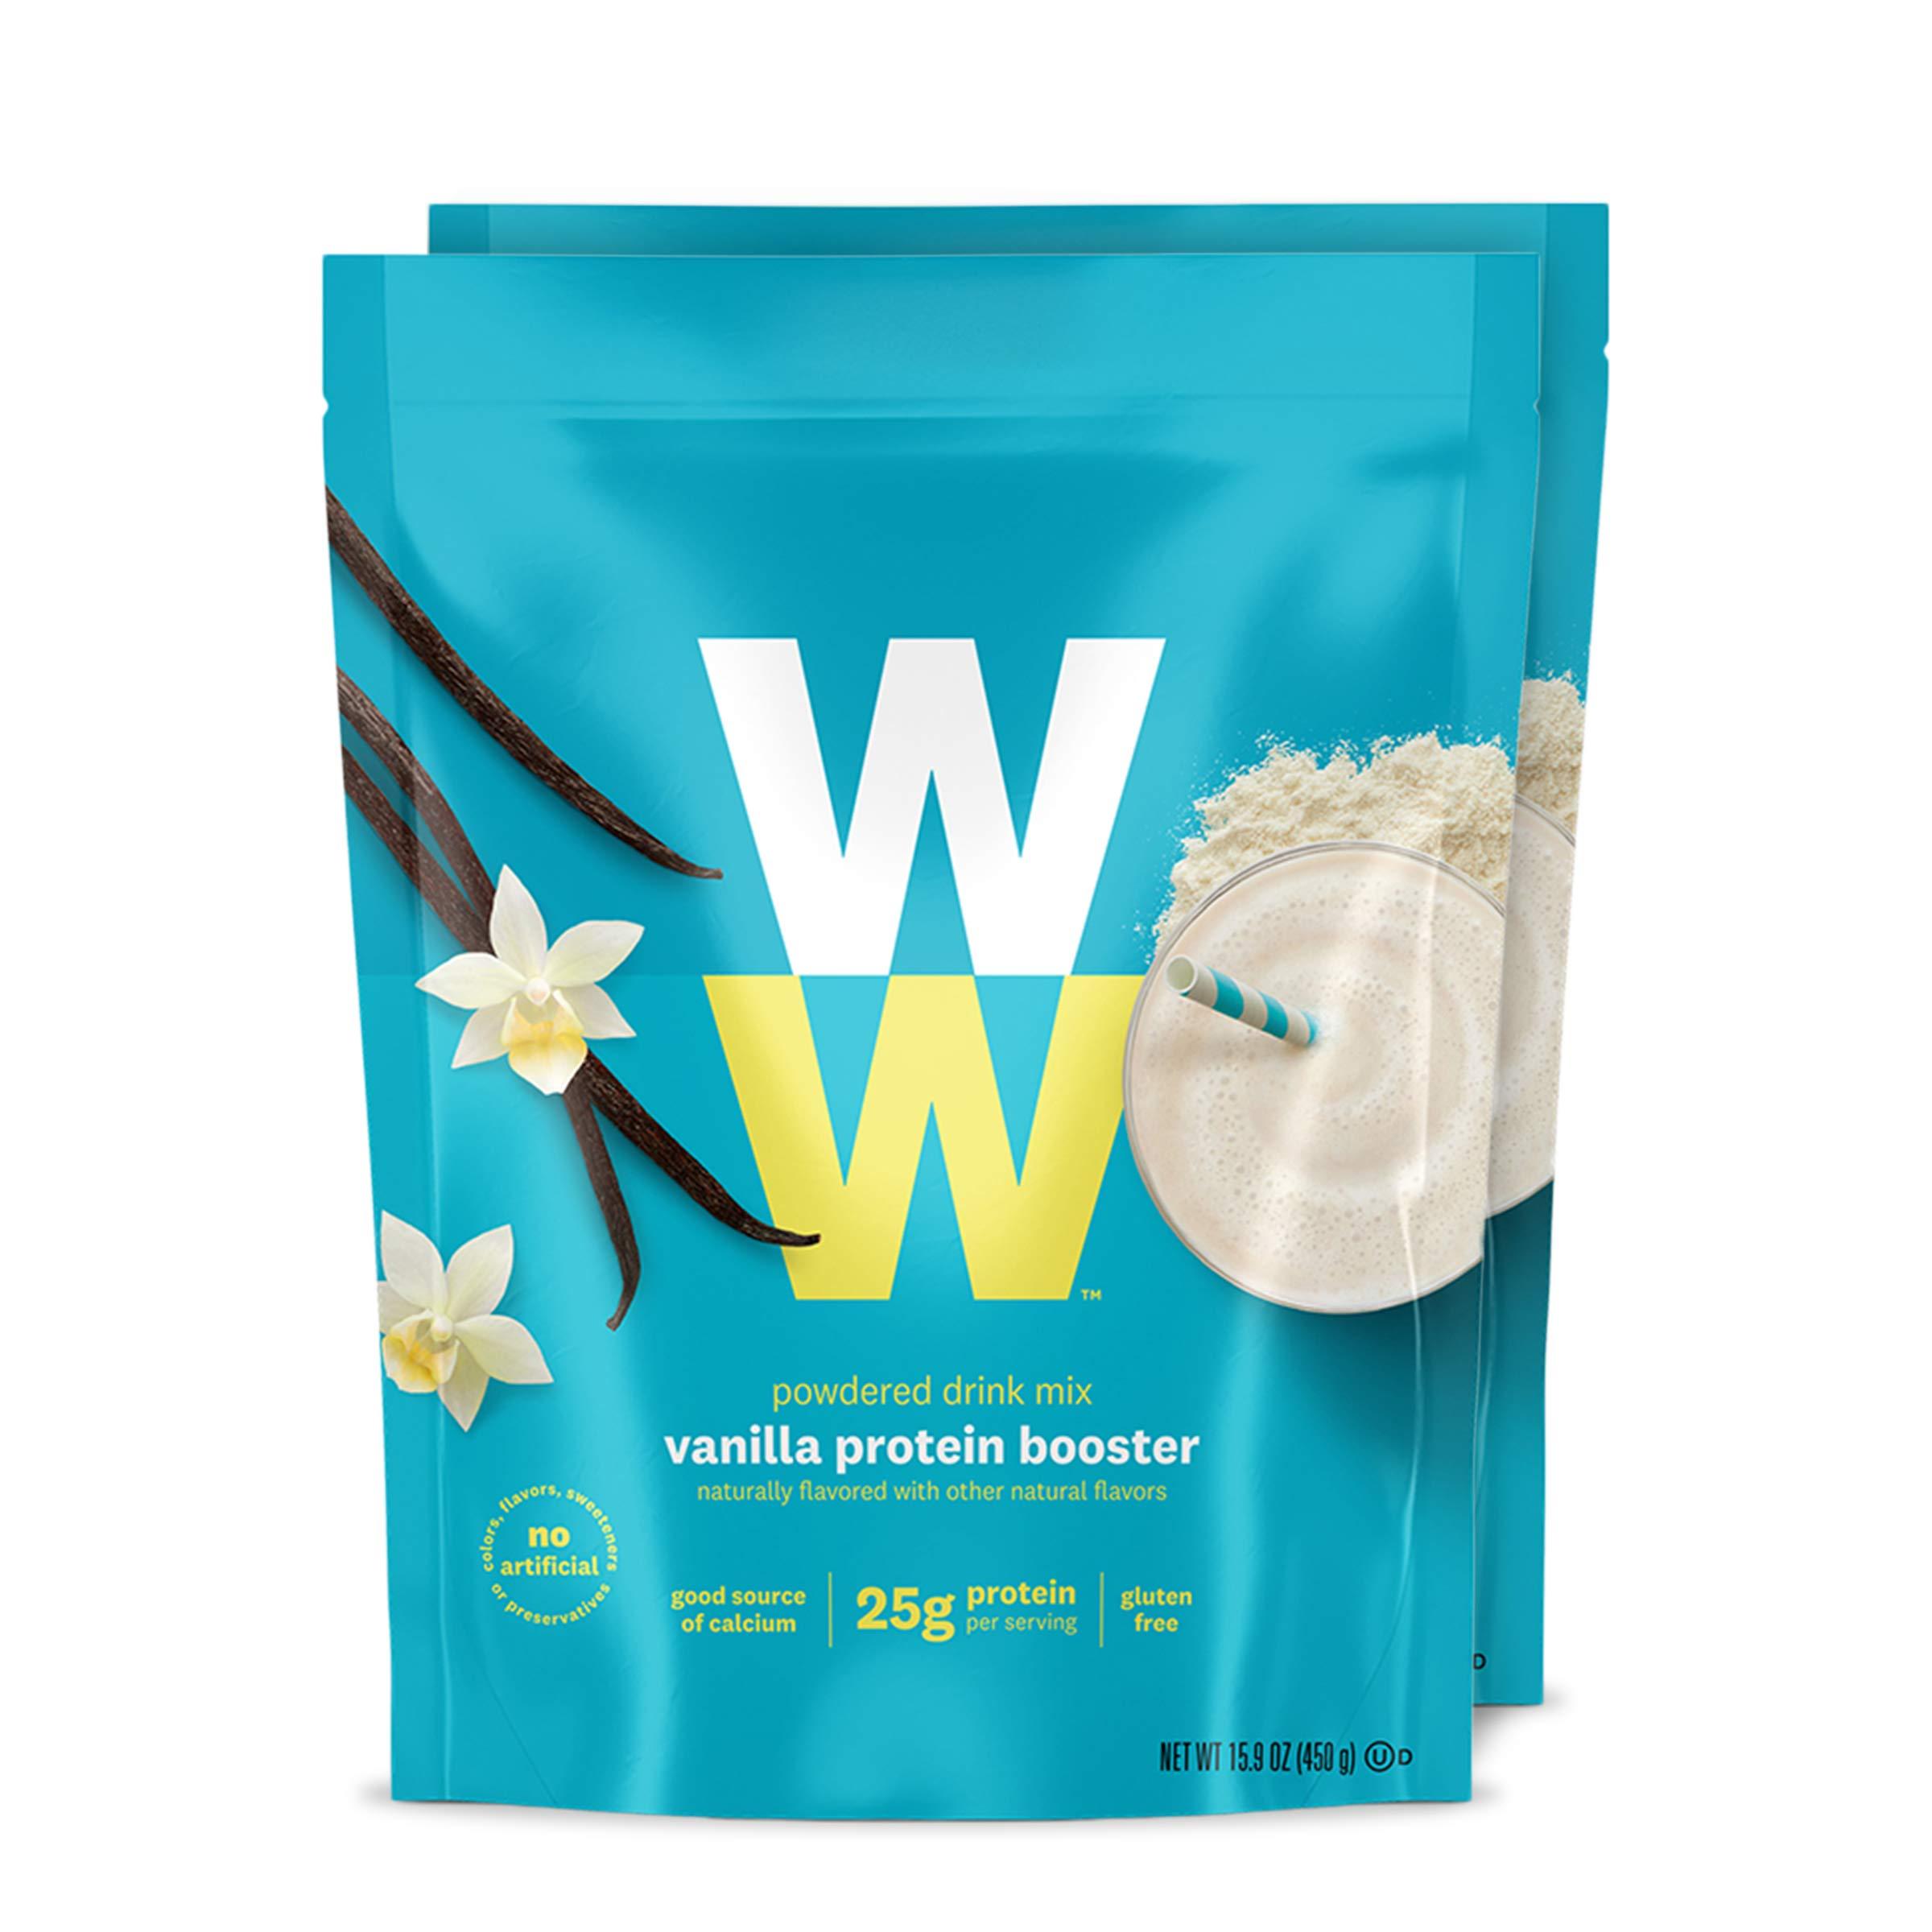 WW Vanilla Protein Booster - Whey Protein Powder, 2 SmartPoints - Weight Watchers Reimagined